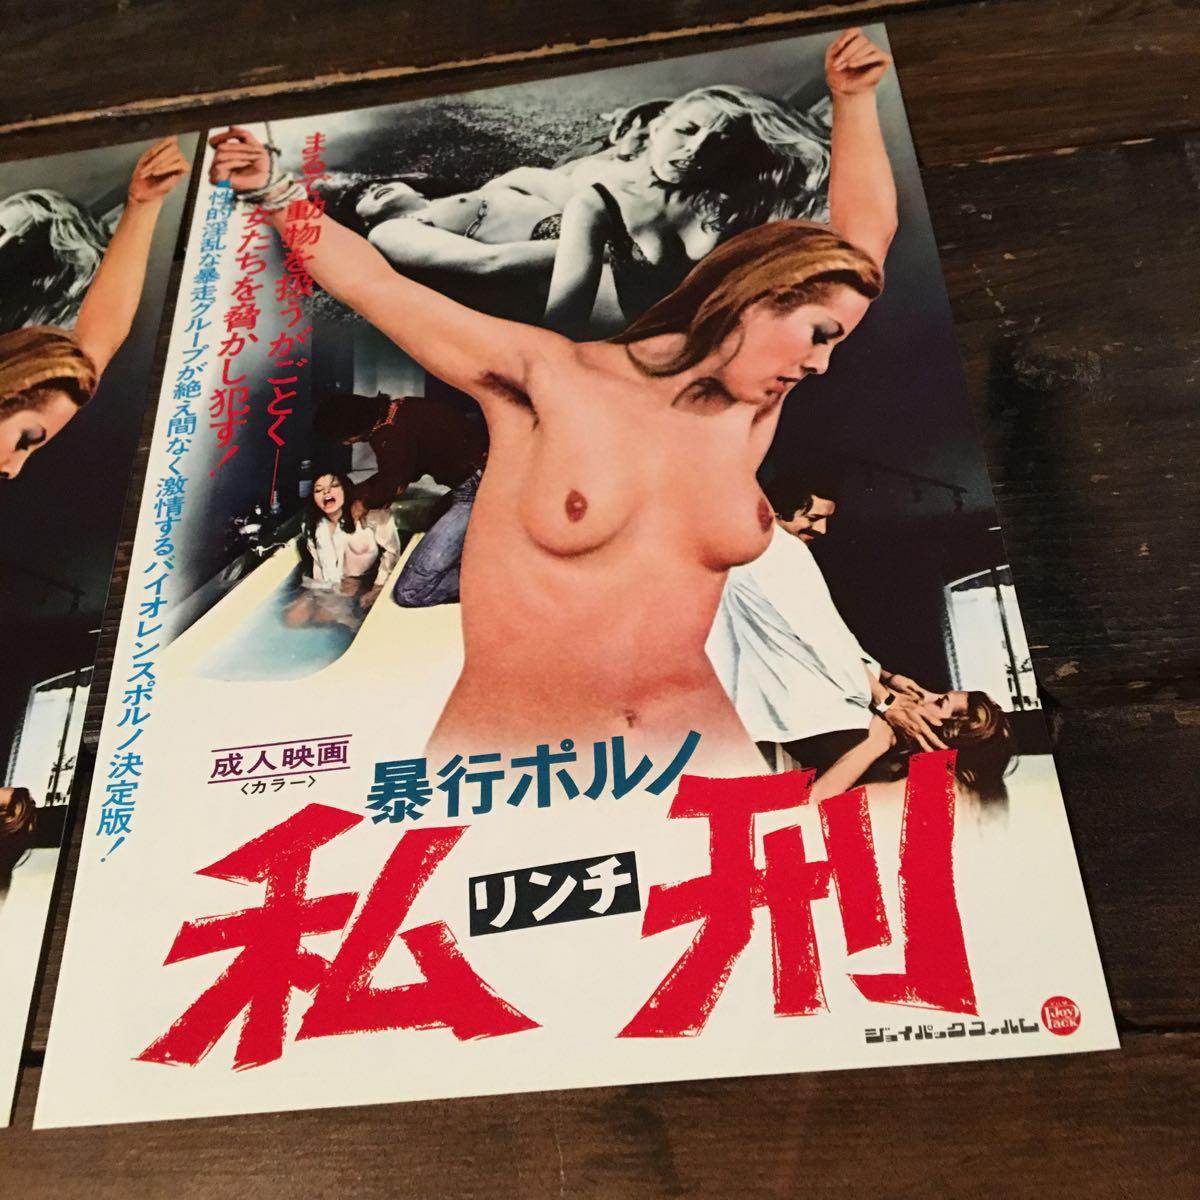 成人映画チラシ 暴行ポルノ 私刑 リンチ 2枚セット 美品_画像2